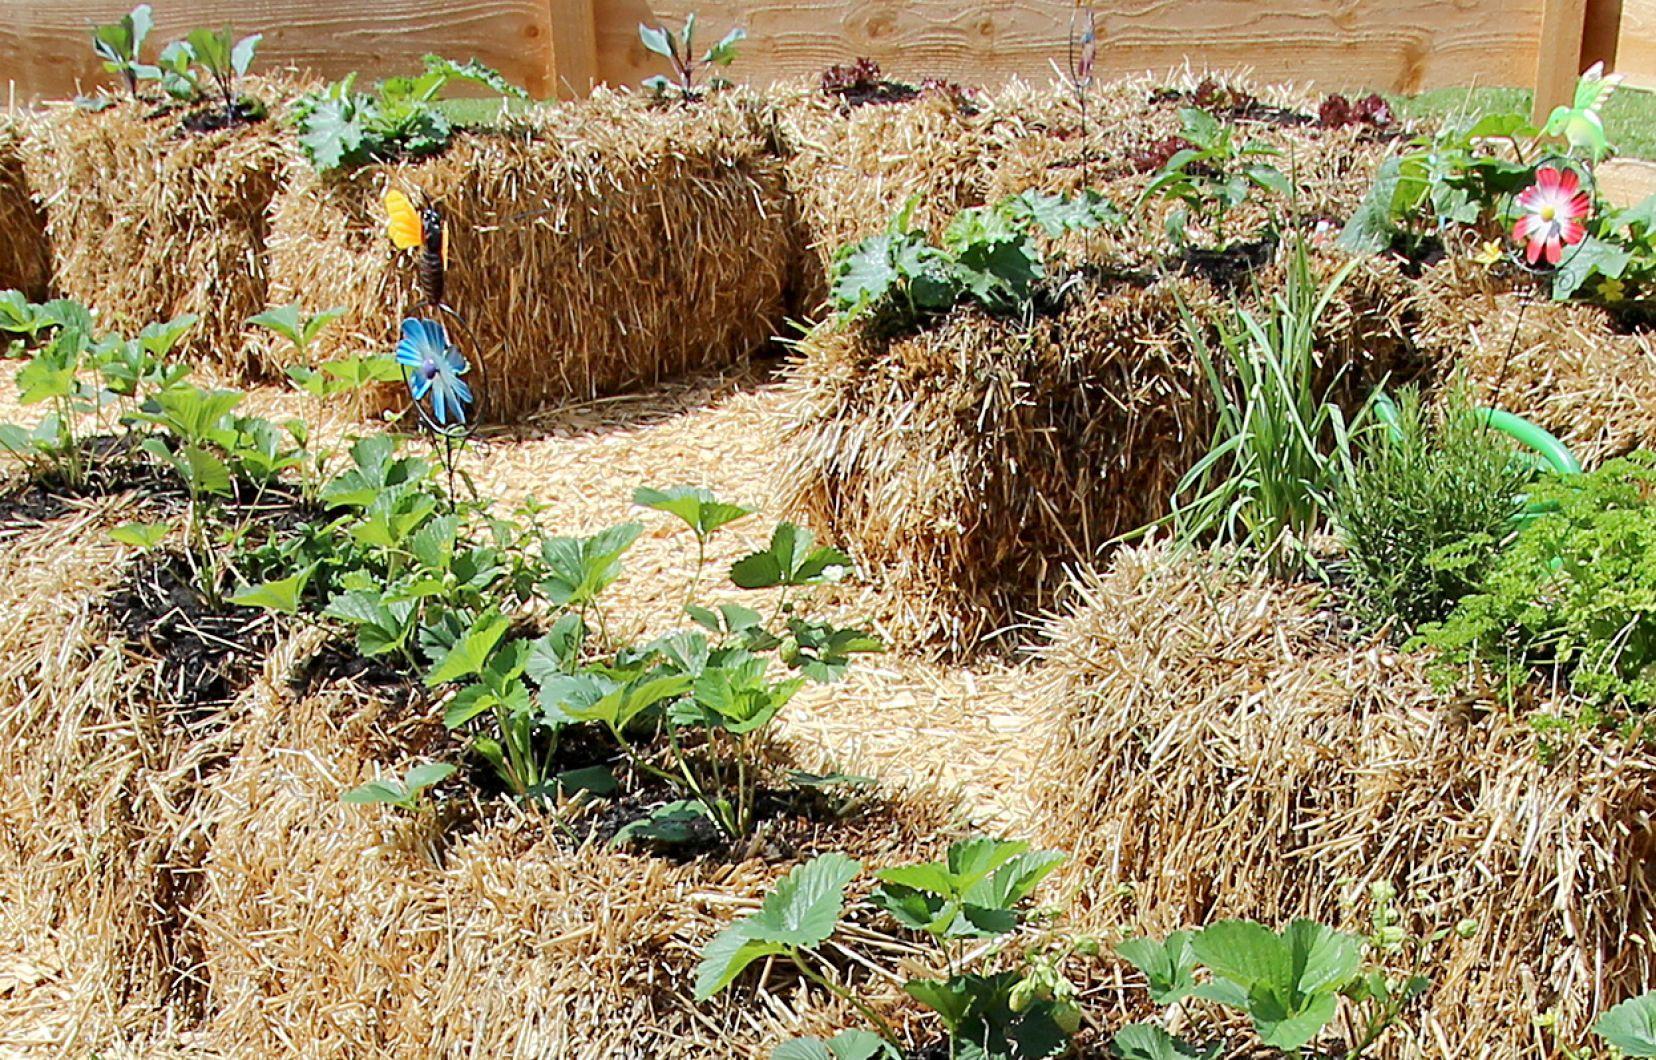 Jardin: La Culture Sur Botte De Paille | Le Devoir pour Botte De Jardin